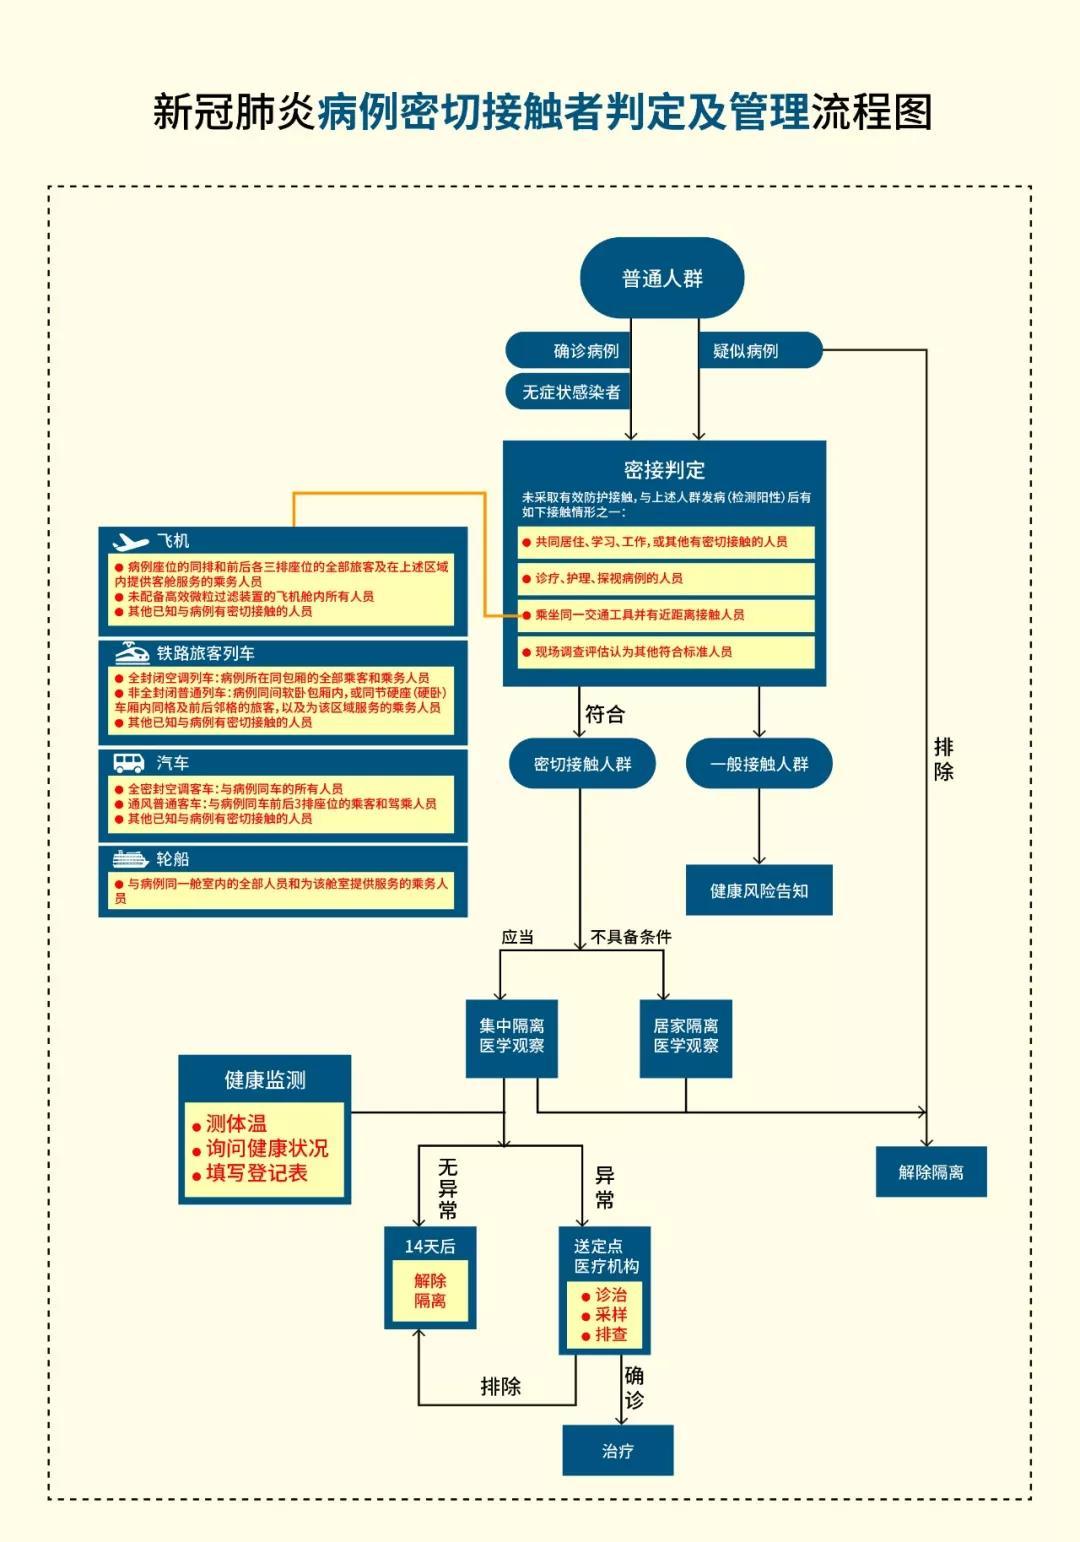 新冠肺炎病例密切接触者判定及管理流程图.jpg